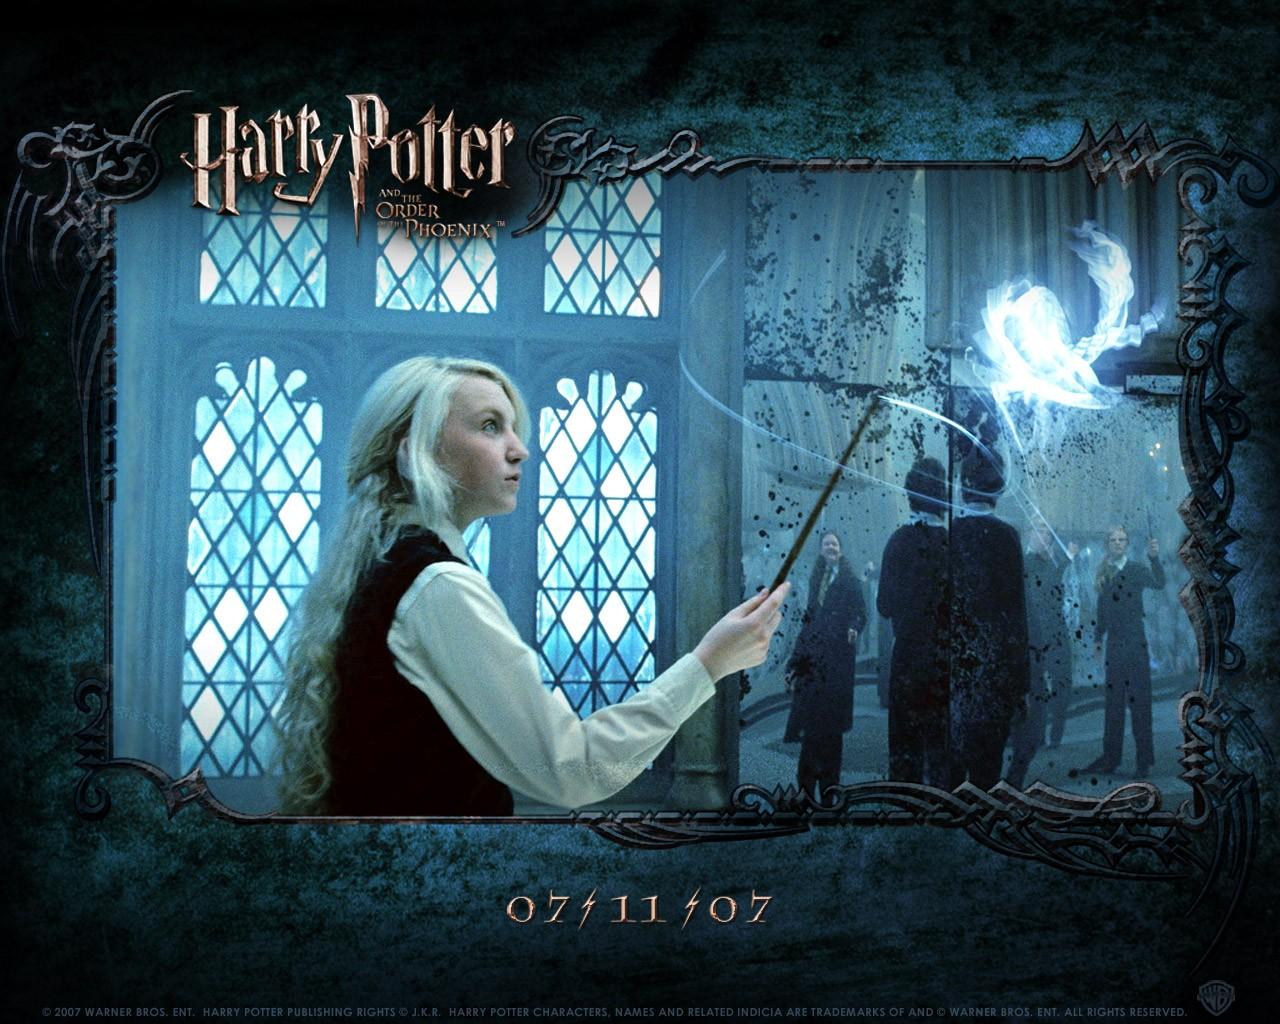 Un wallpaper di Evanna Lynch (Luna) per il film Harry Potter e l'ordine della Fenice